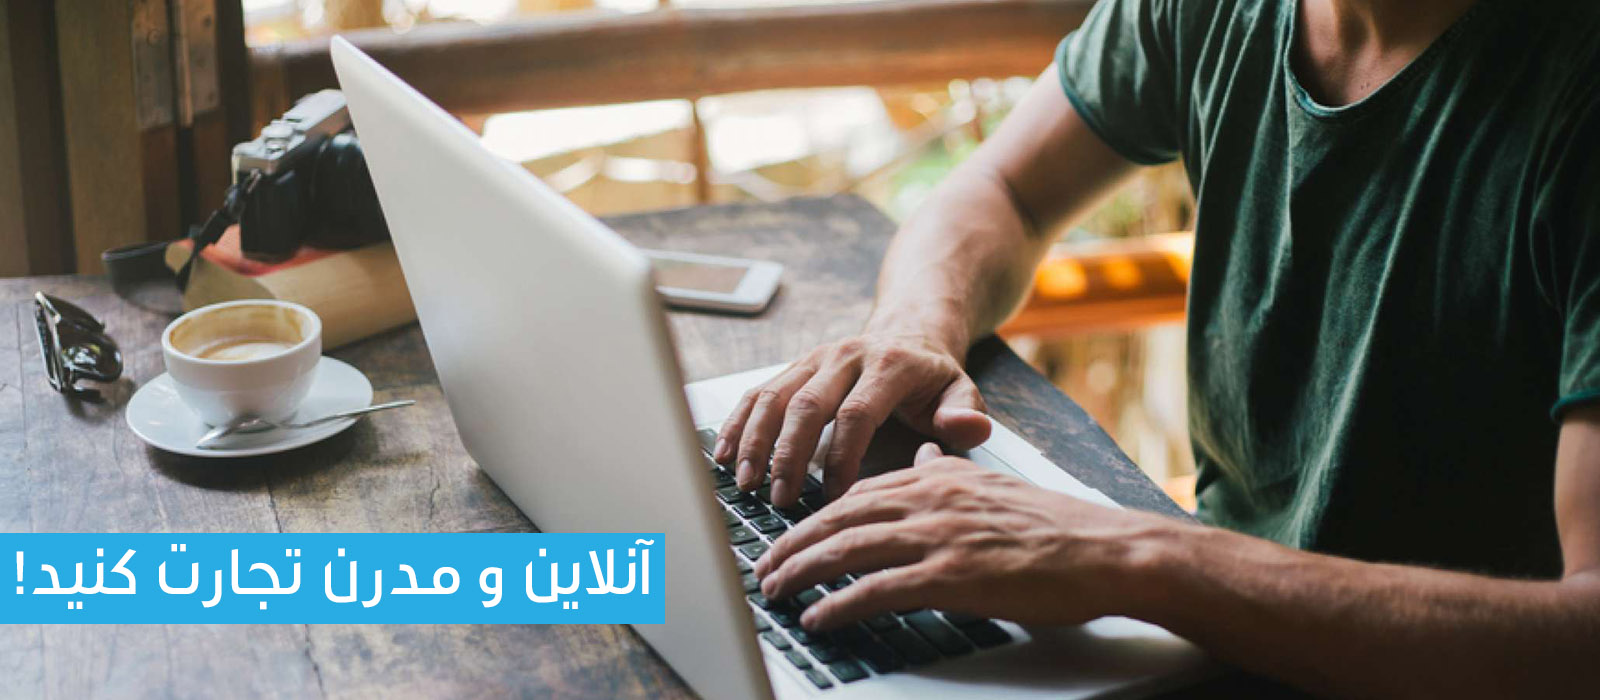 طراحی سایت - سئو - بازاریابی اینترنتی